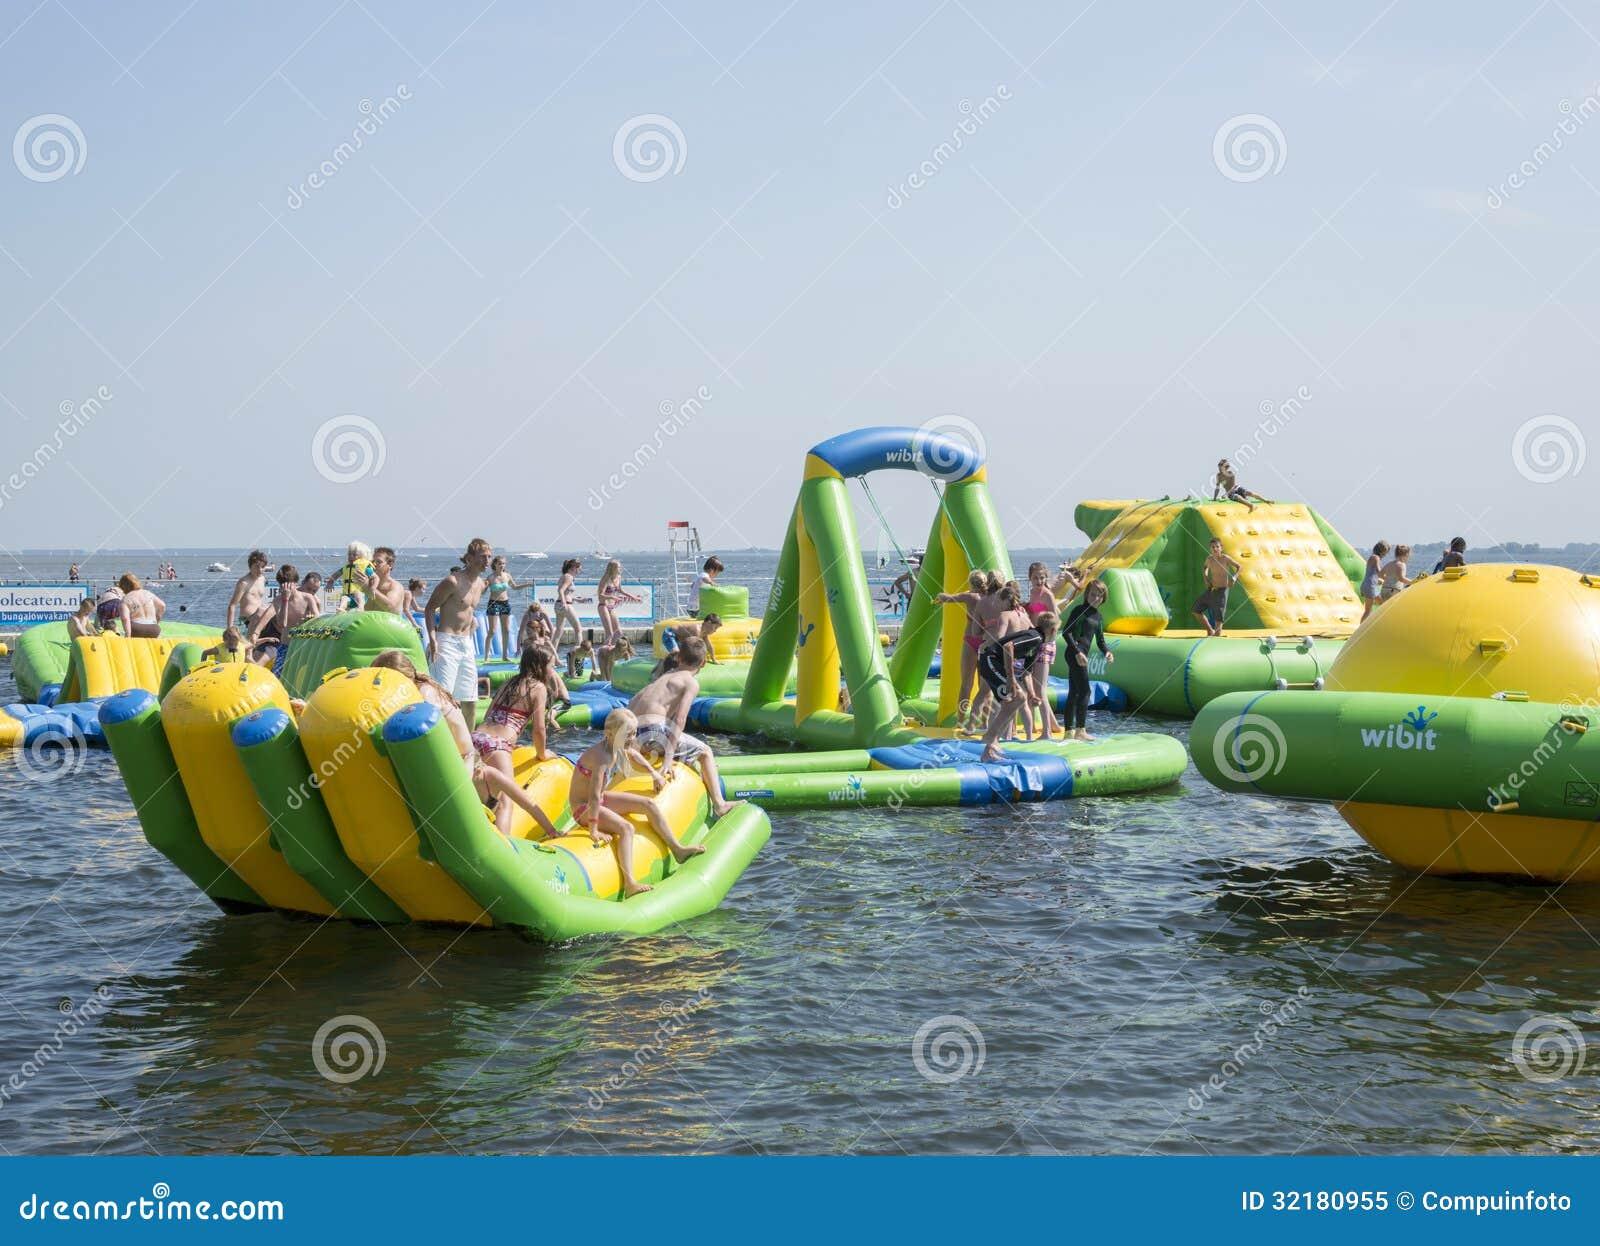 Acquapark splash